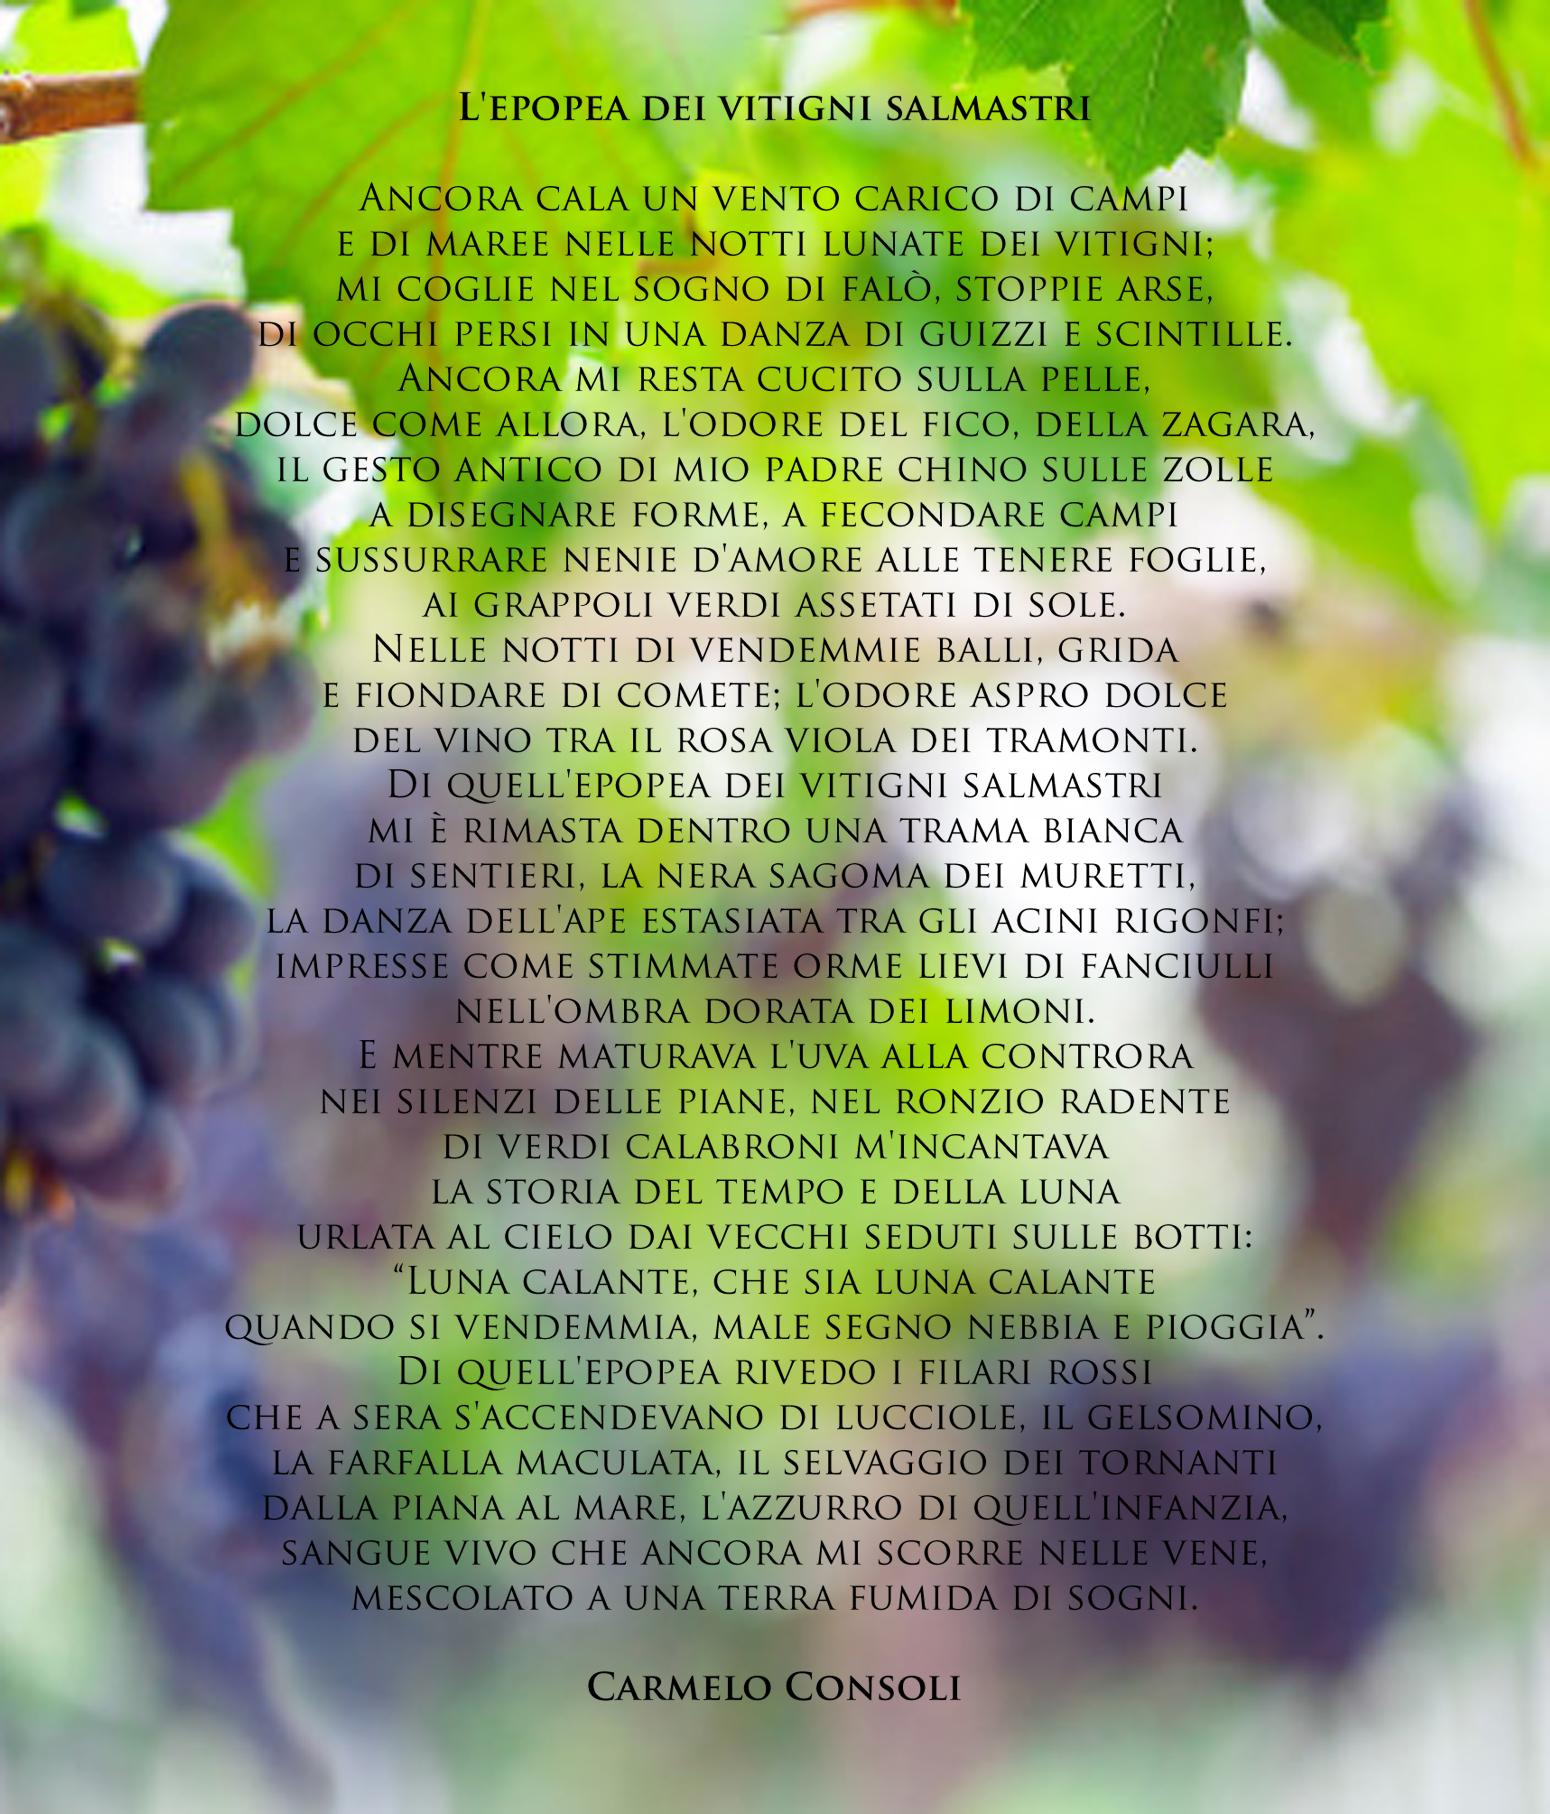 L'epopea dei vitigni salmastri def